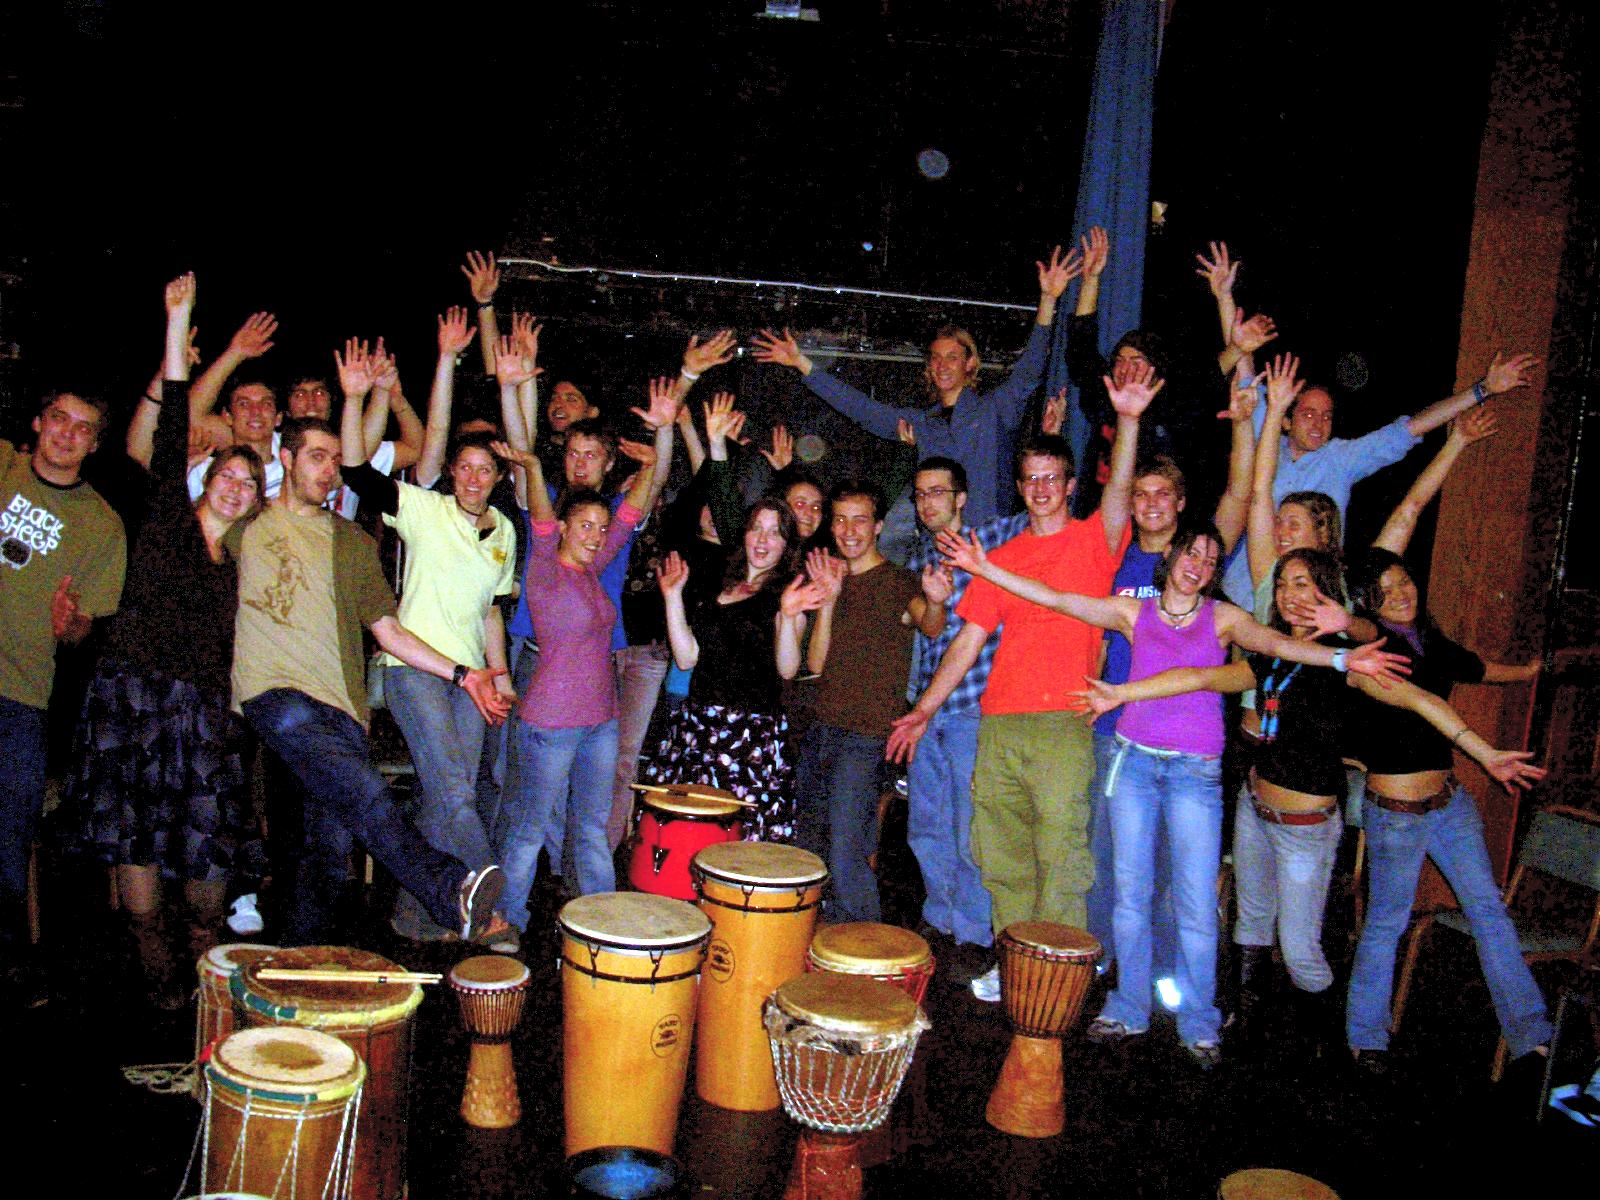 Edinburgh University Drum Society 2004-2012